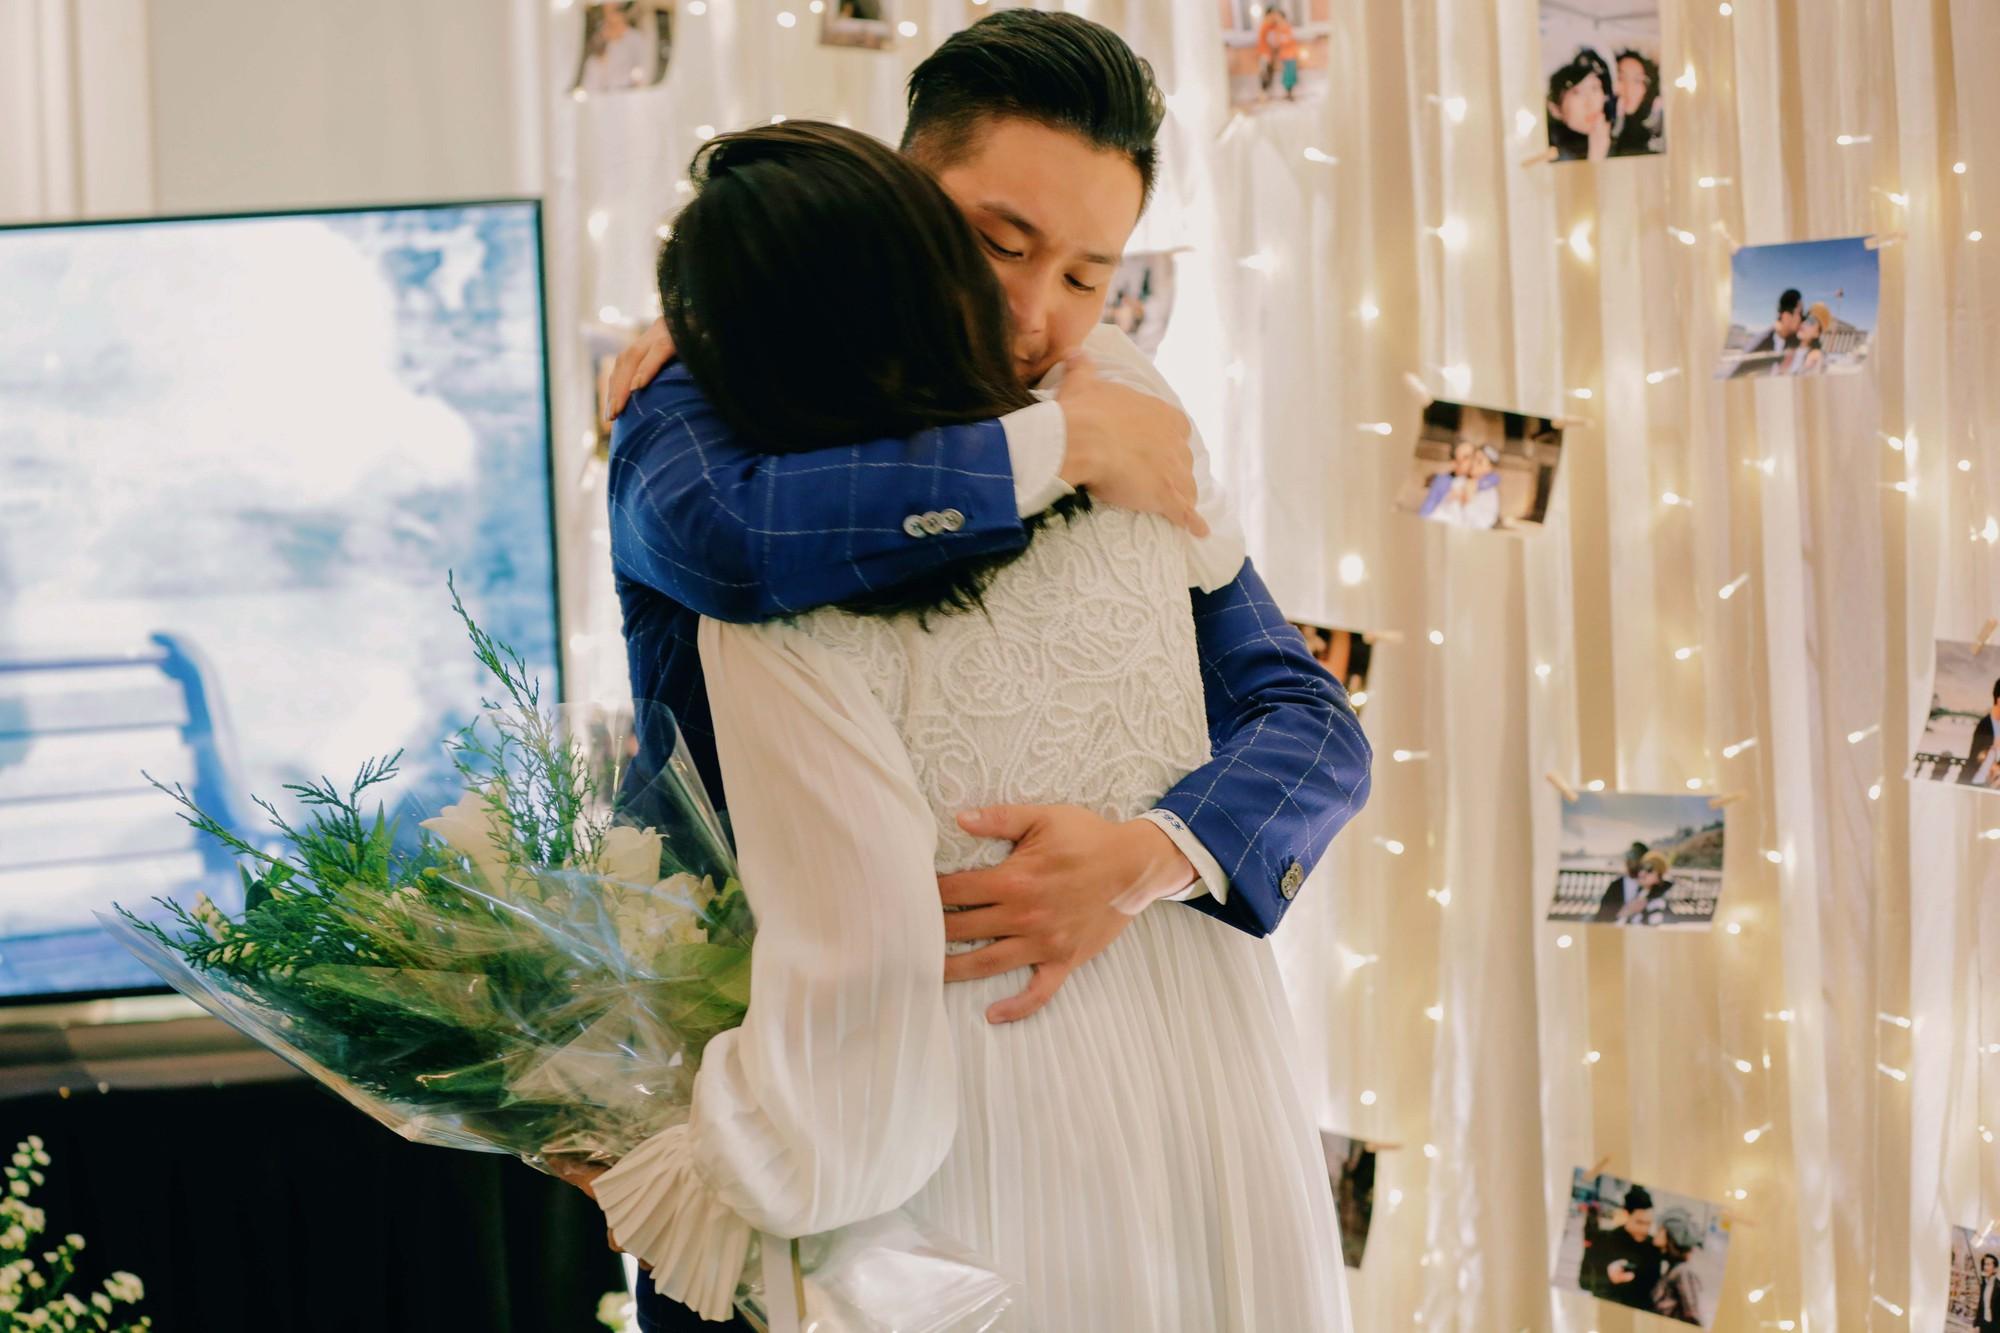 Chân dung bạn trai Việt Kiều vừa cầu hôn MC Liêu Hà Trinh   - Ảnh 2.